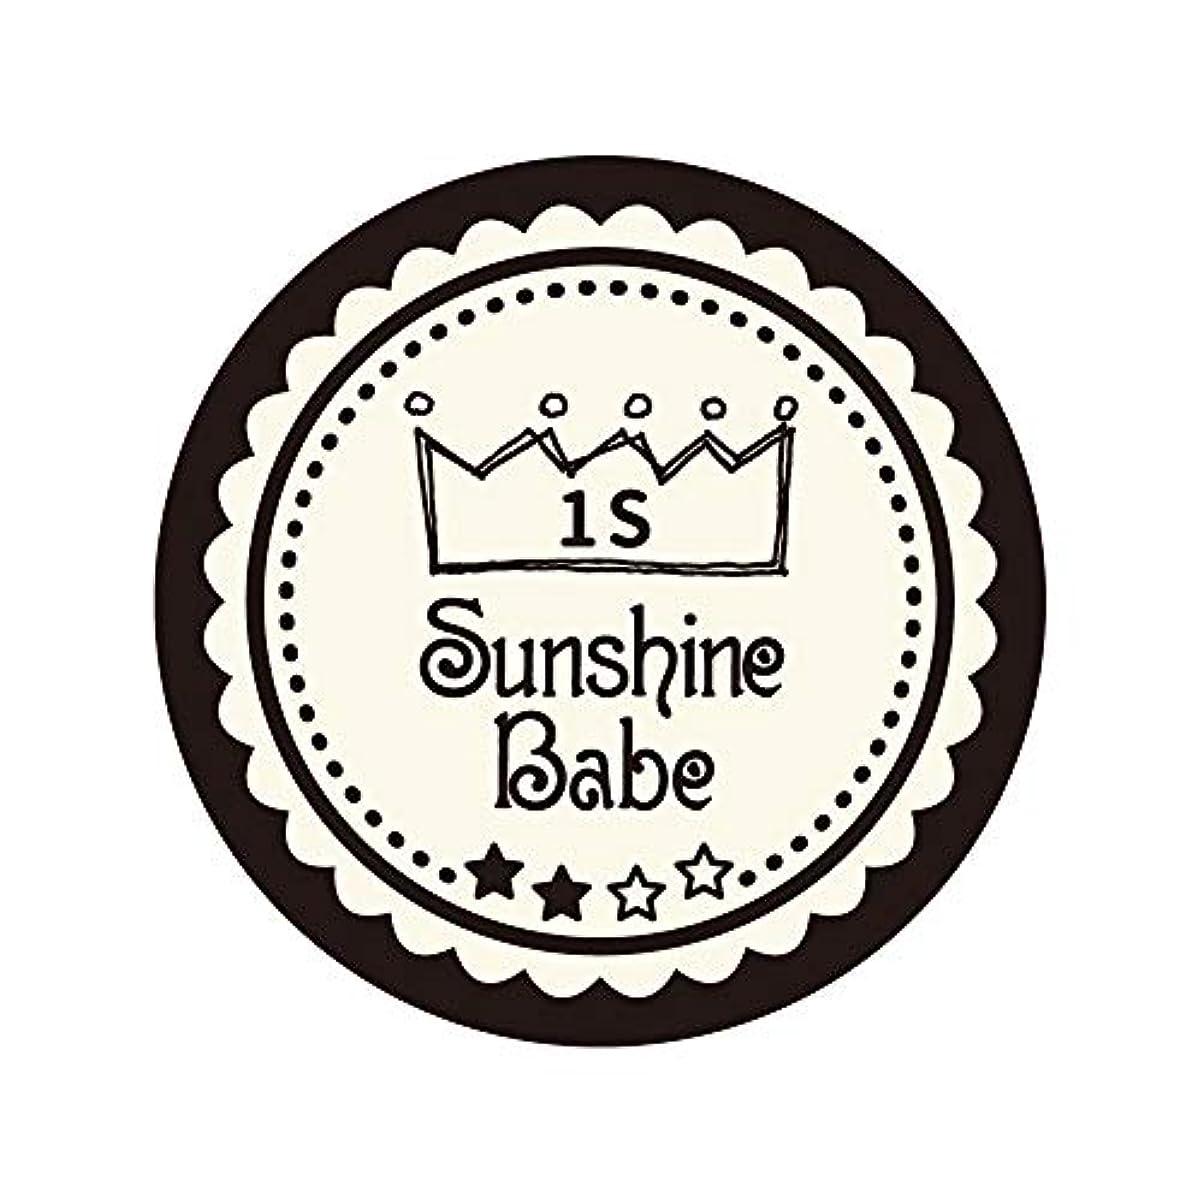 必要とする使用法耐久Sunshine Babe コスメティックカラー 1S ココナッツミルク 4g UV/LED対応タイオウ